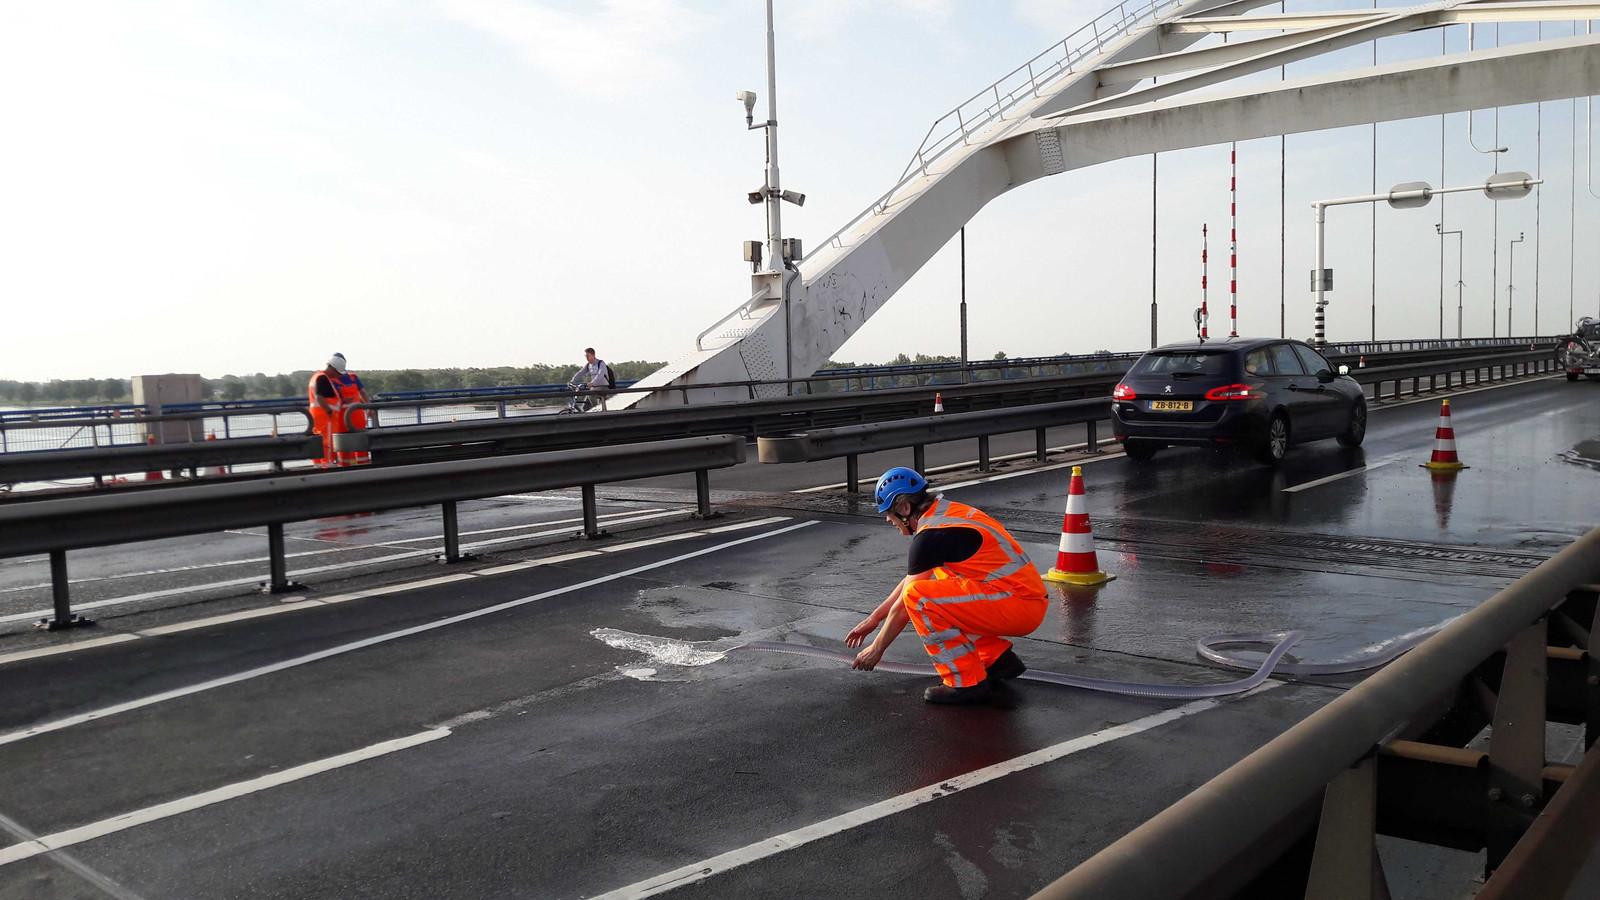 Rijkswaterstaat koelt de Merwedebrug vanwege de hitte. Ook vorig jaar moest deze maatregel worden genomen.